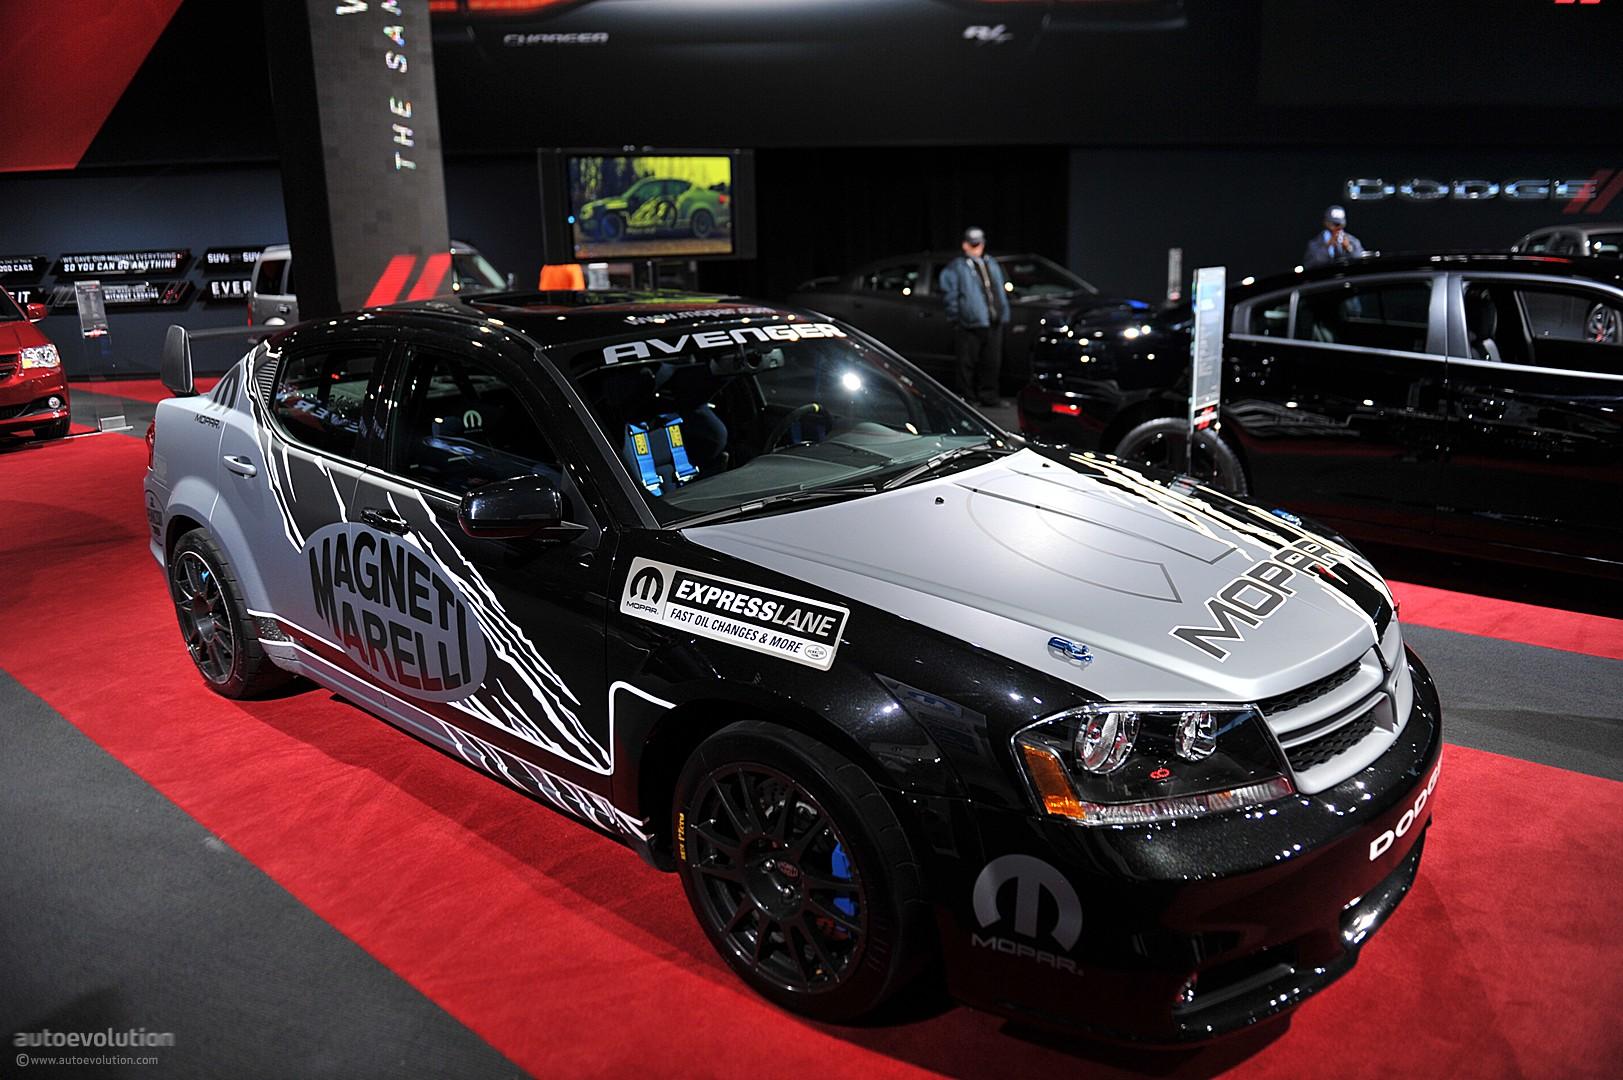 Nyias Mopar Dodge Avenger Rally Car Live Photos